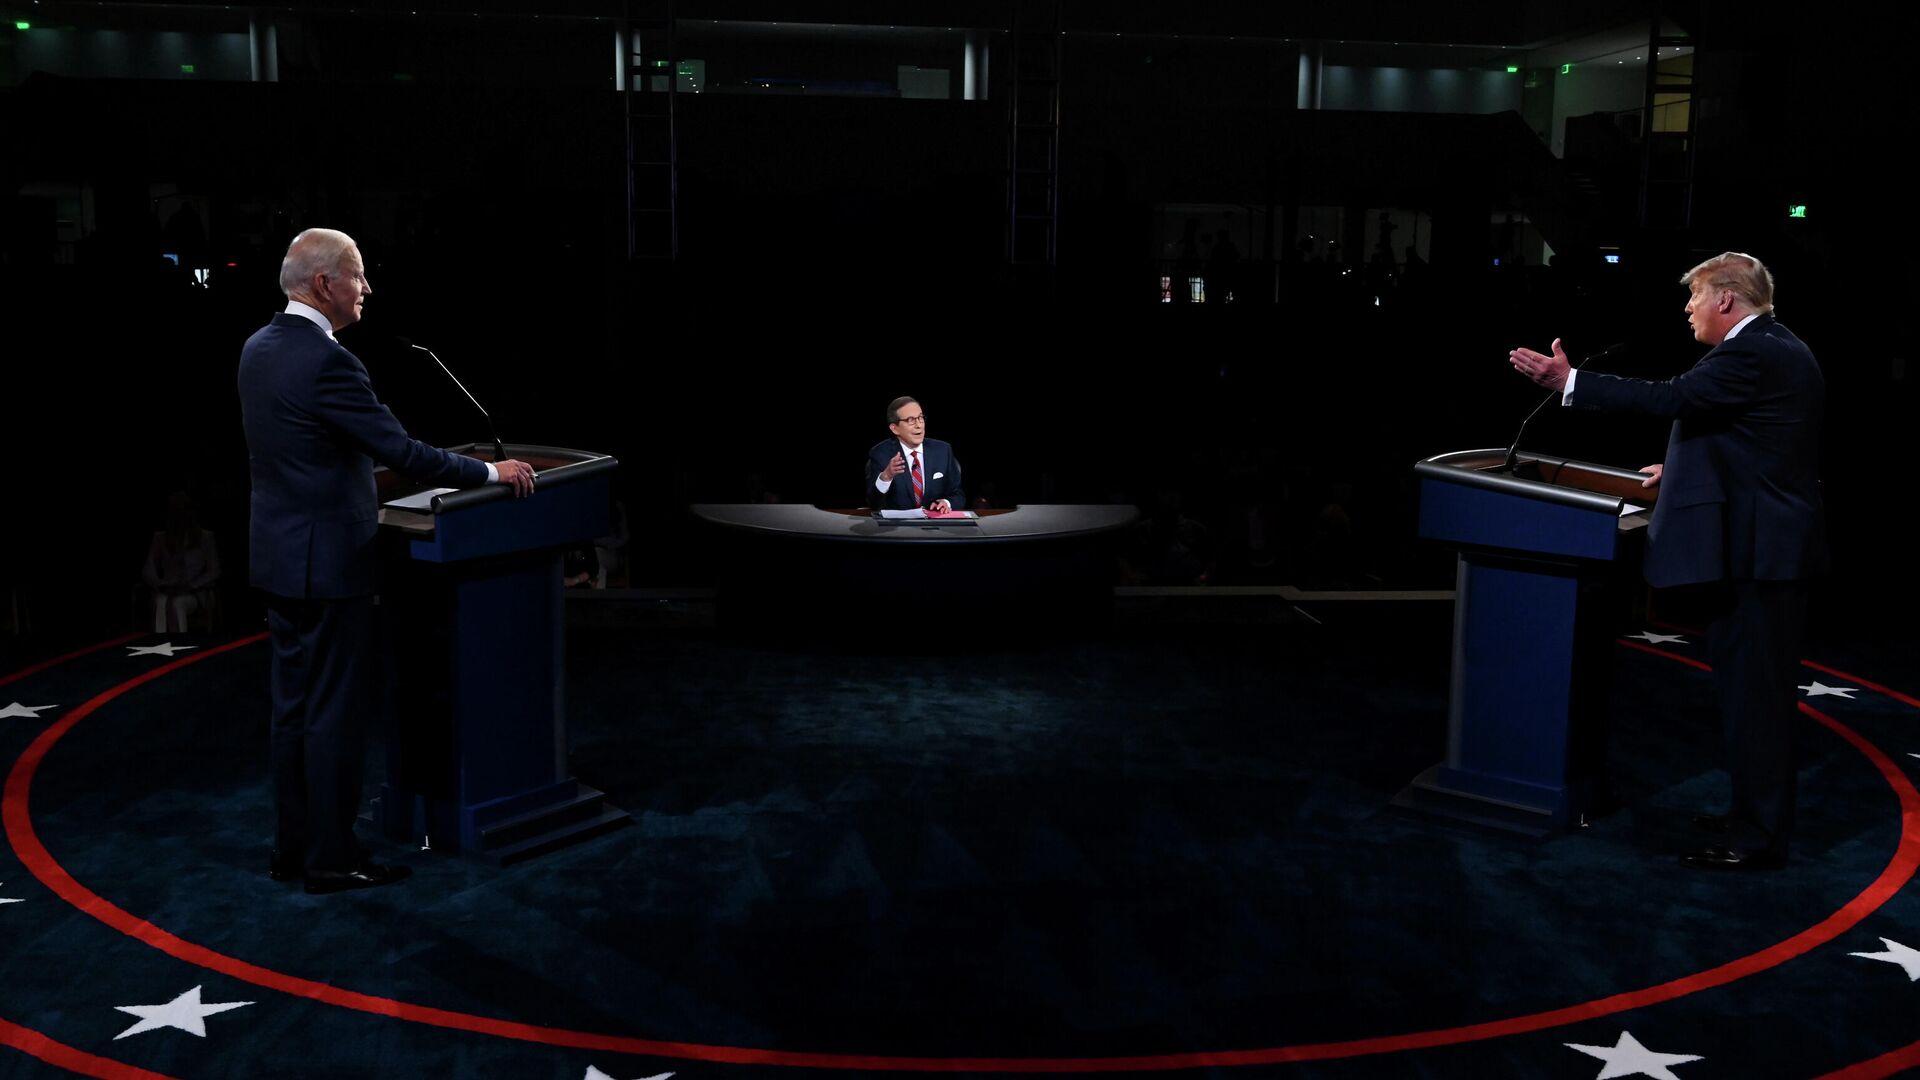 Президент Дональд Трамп США и Джо Байден во время дебатов в Кливленде, штат Огайо - РИА Новости, 1920, 30.09.2020